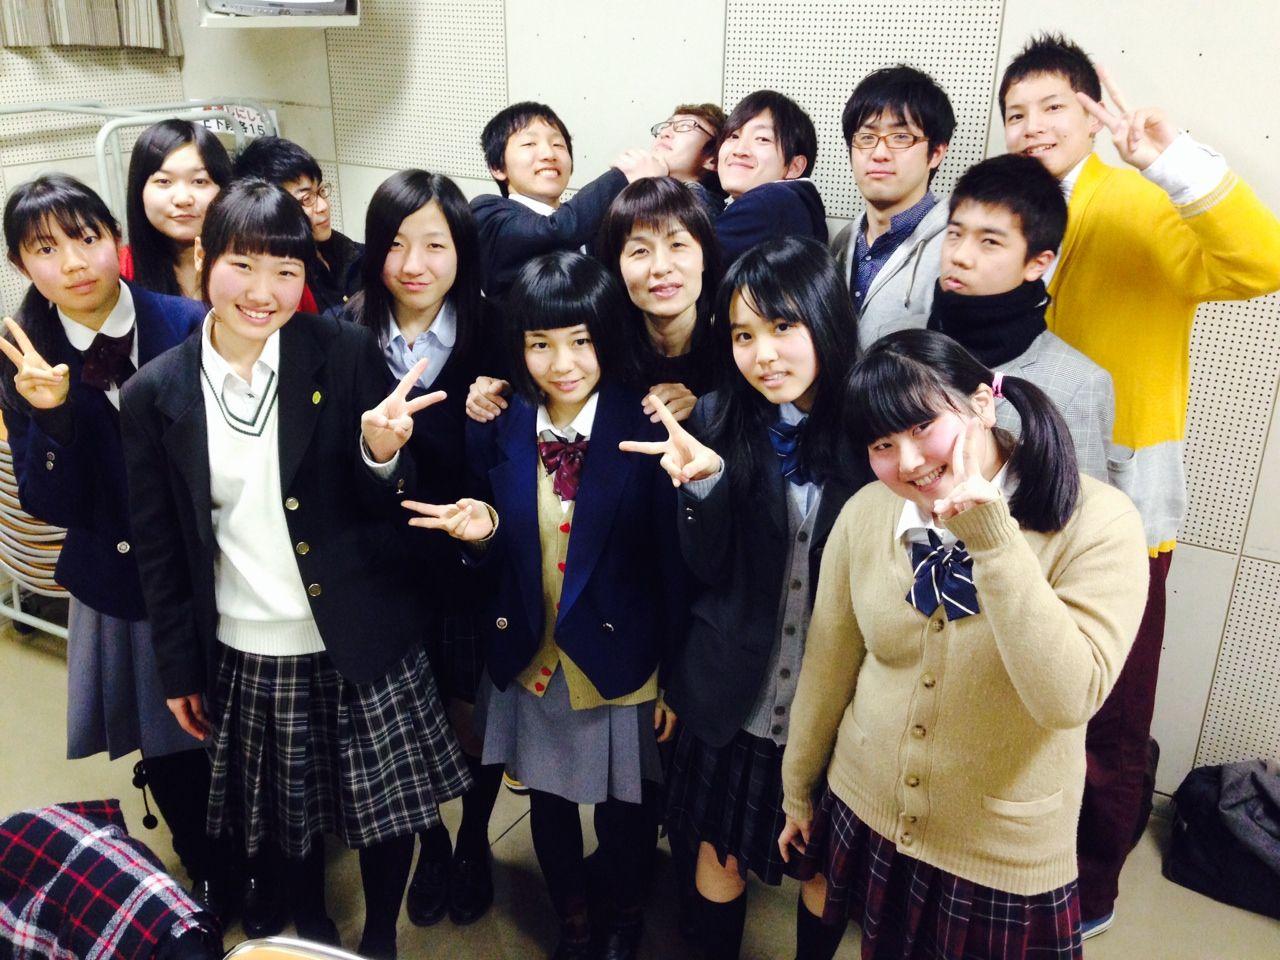 木曜高校生会2014.1.16 : YCC 高...